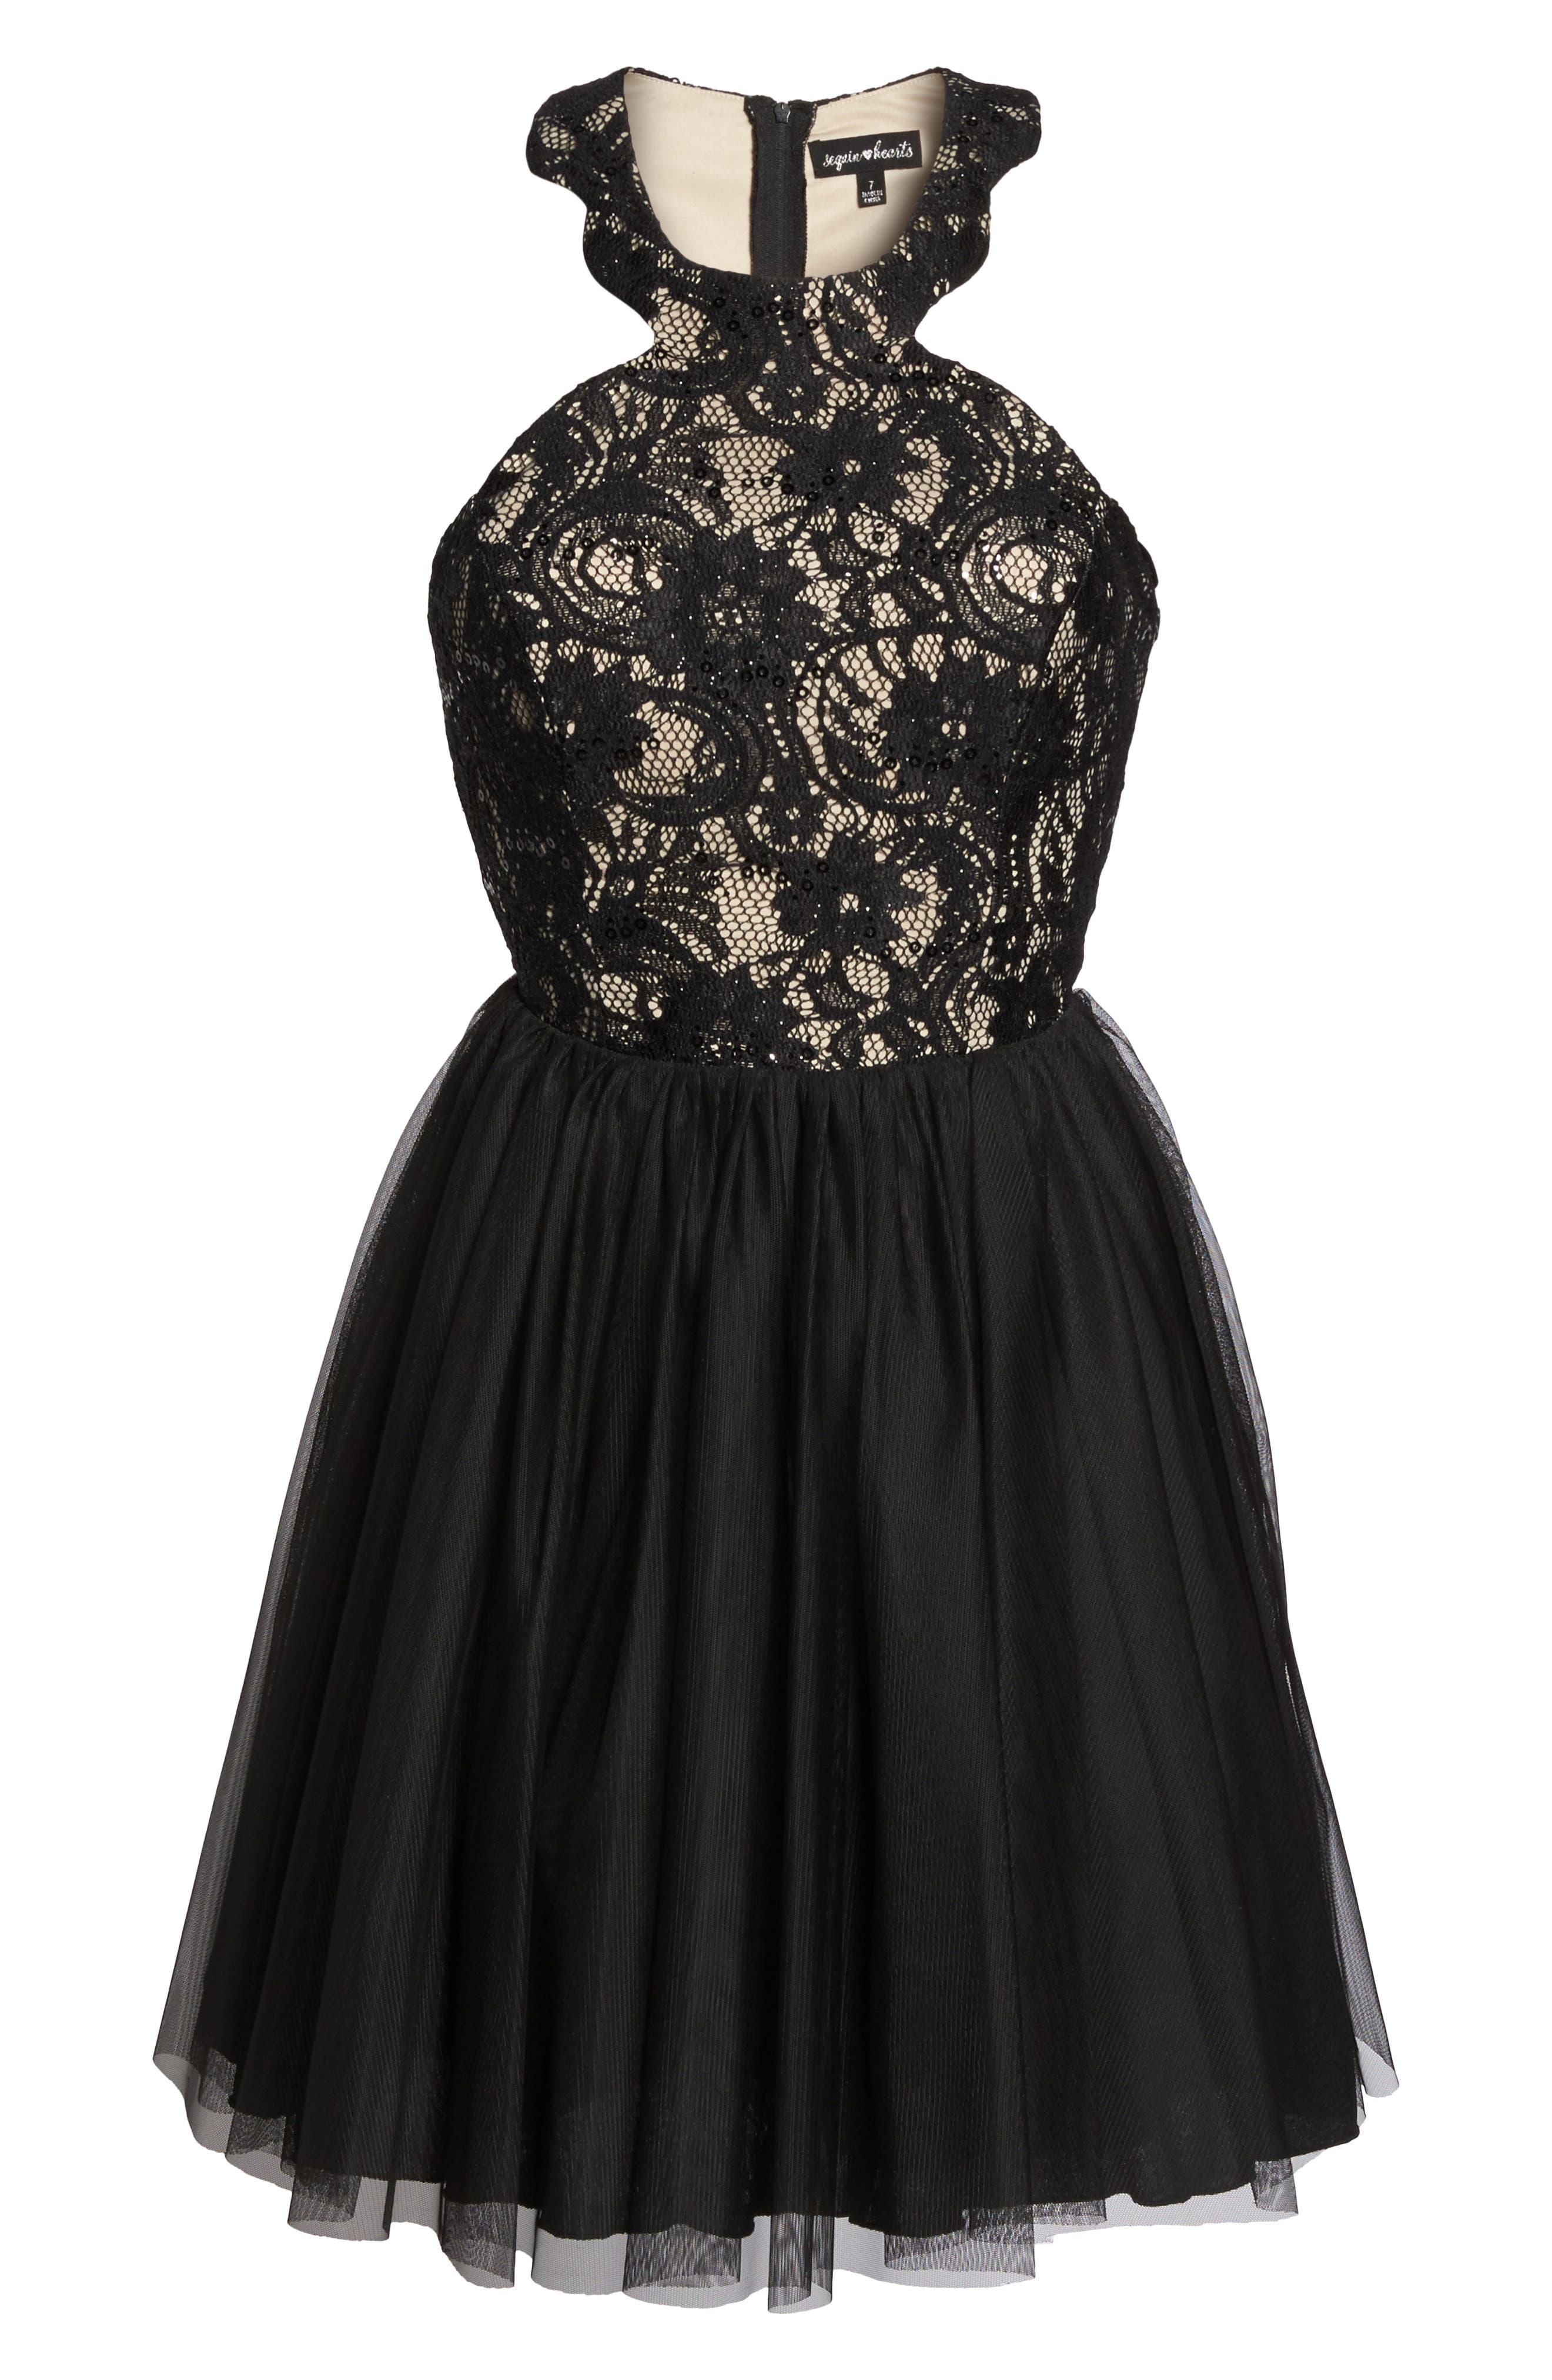 Lace Halter Neck Dress,                             Alternate thumbnail 6, color,                             006